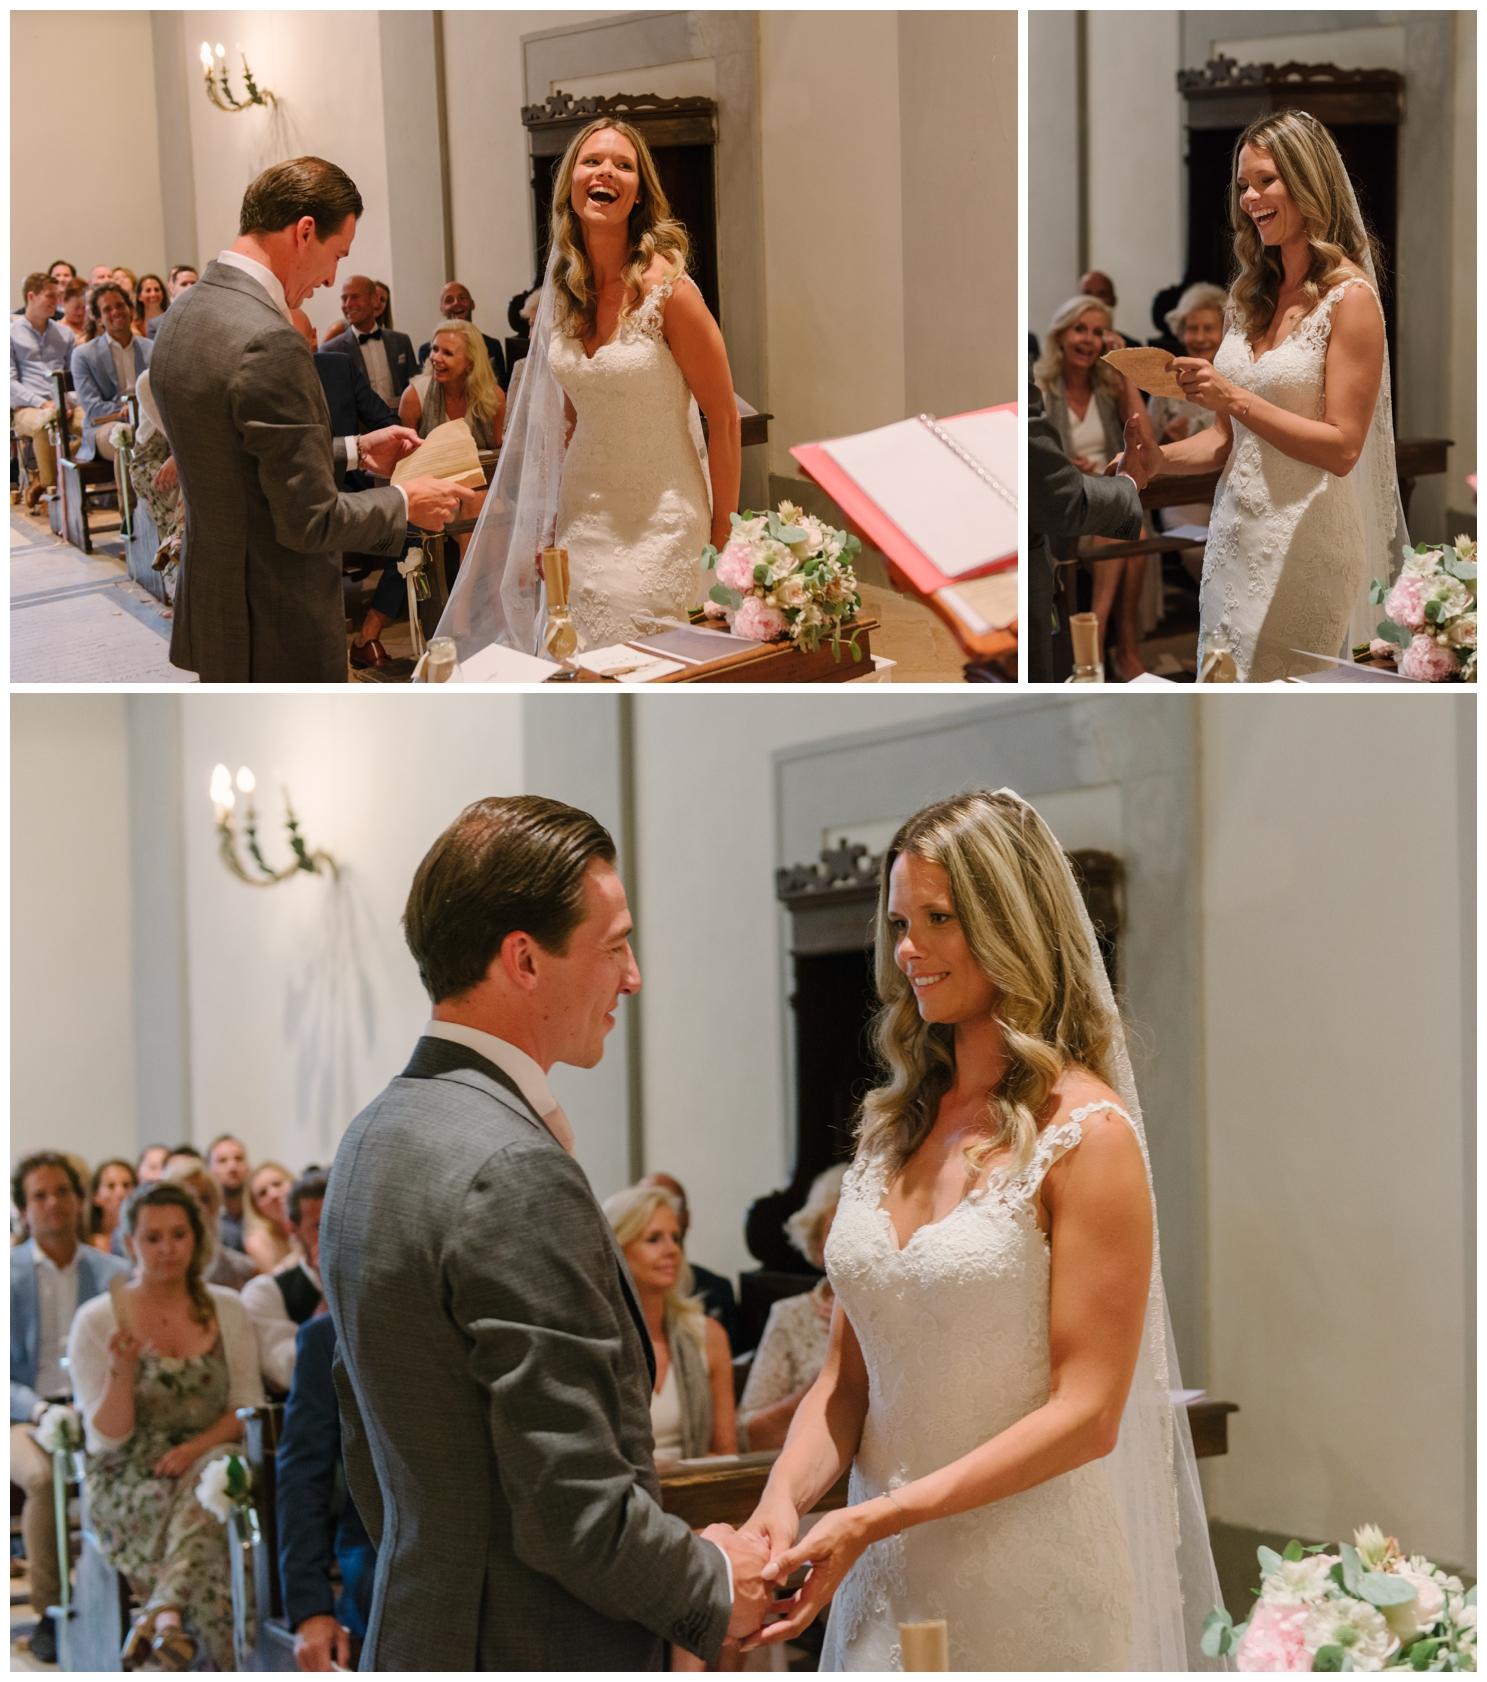 Wedding_Photographer_Tuscany_Florence_Italy_31.jpg